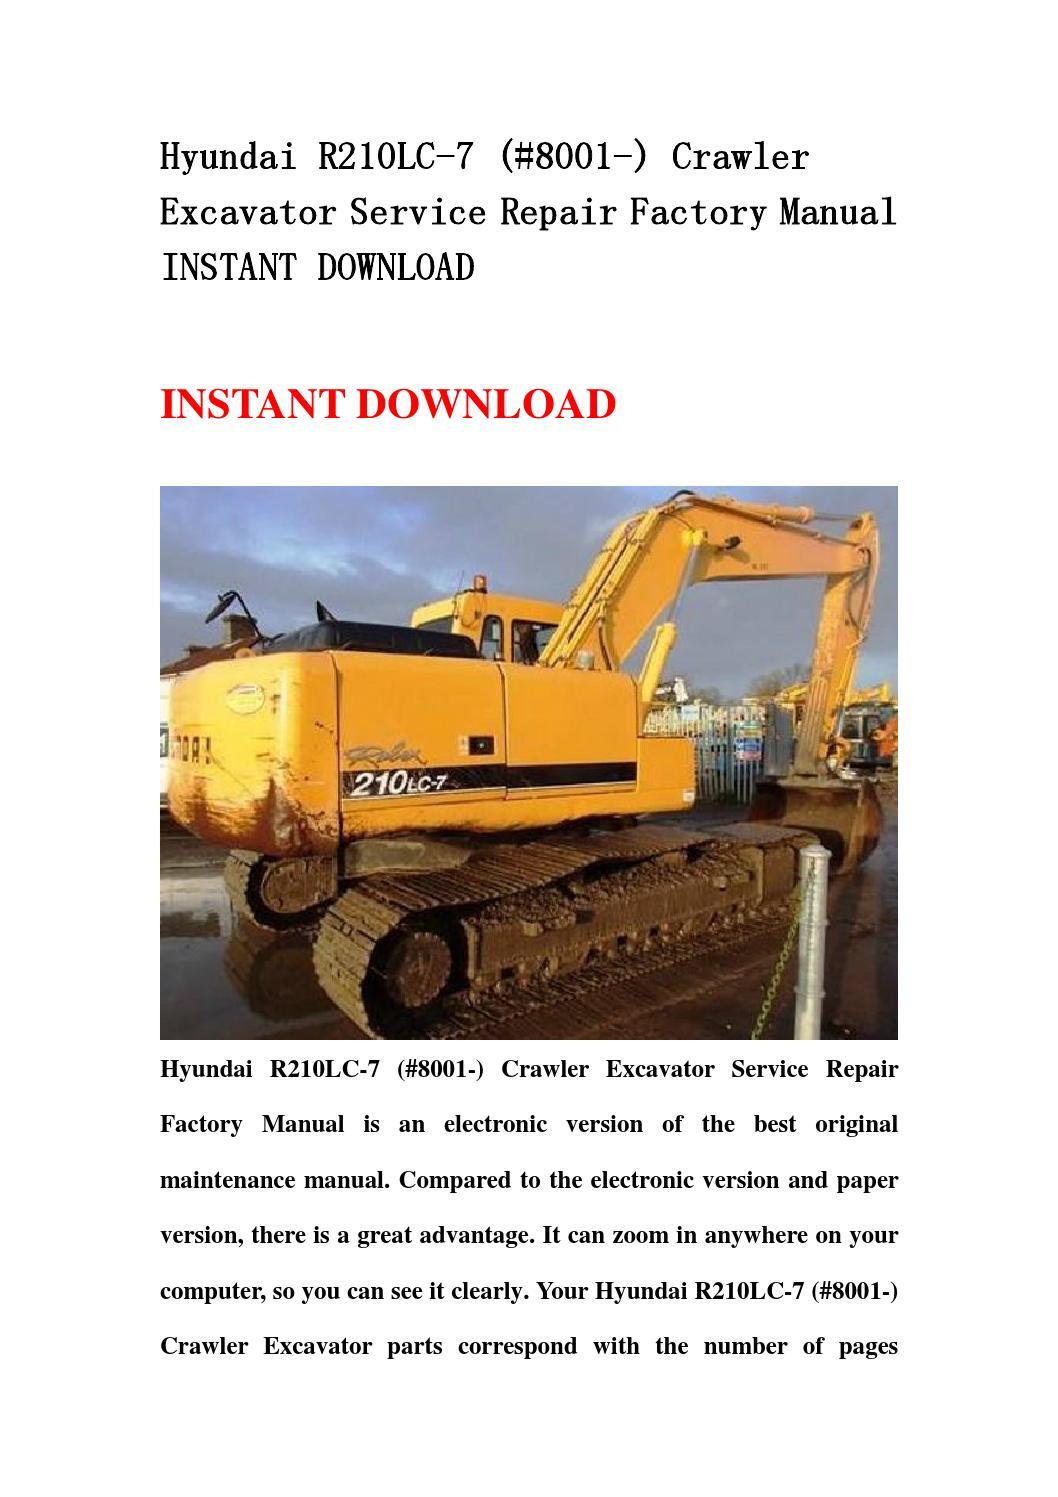 hyundai r210lc 7   8001   crawler excavator service repair